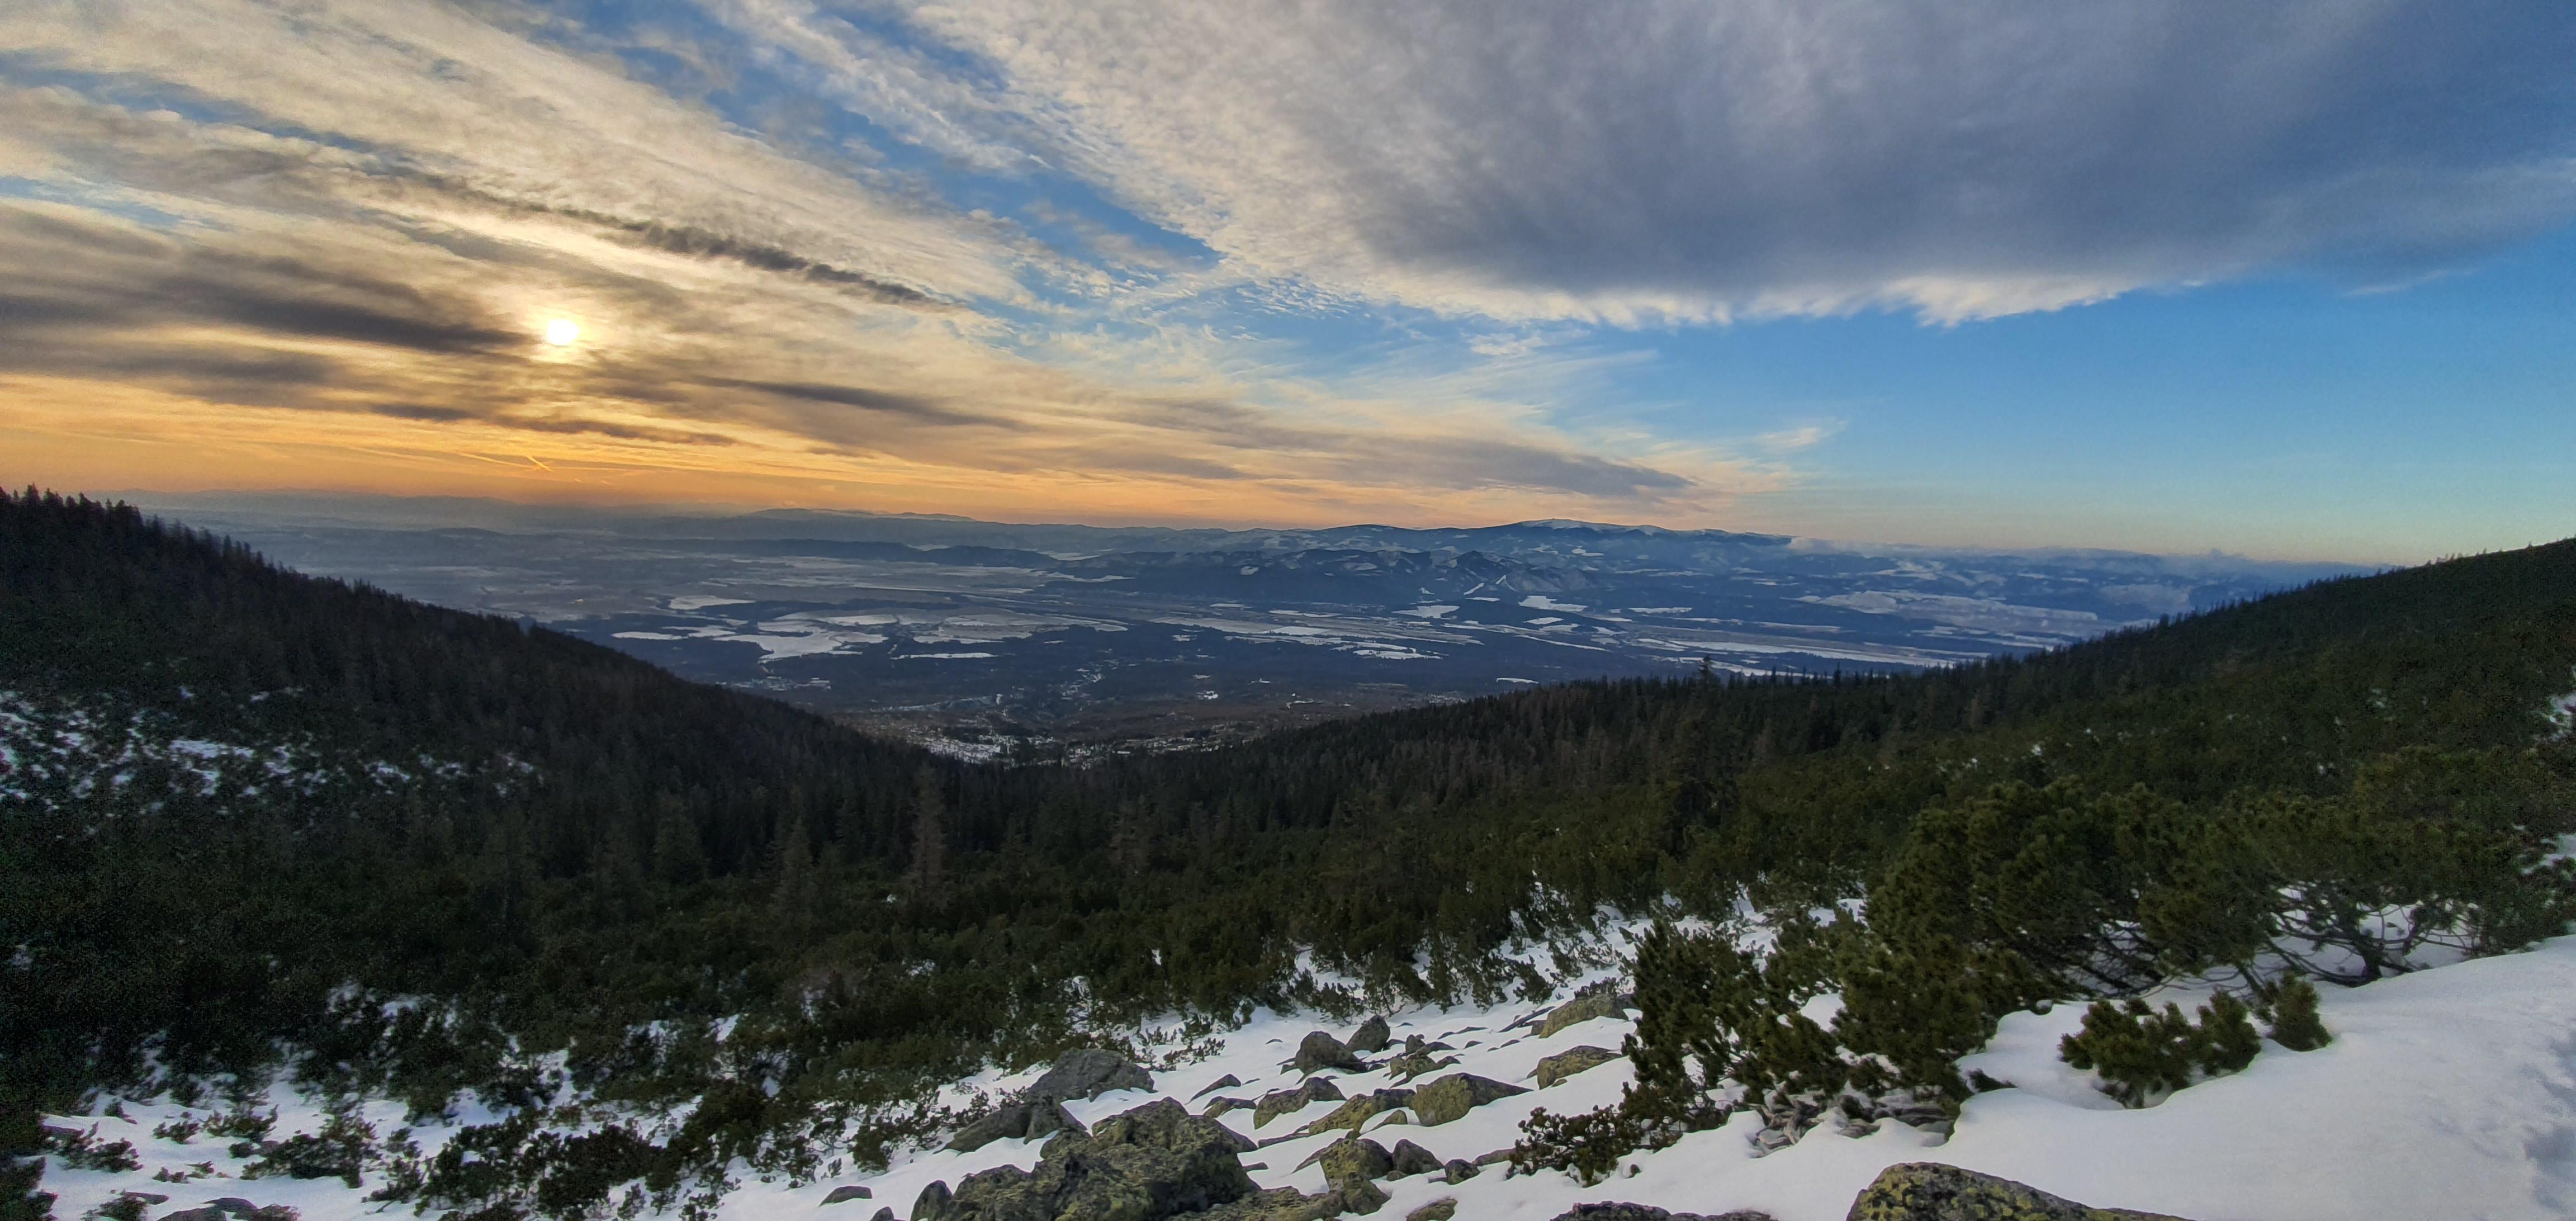 Gerlachovský štít 18.1.2020 (foto Horňák)